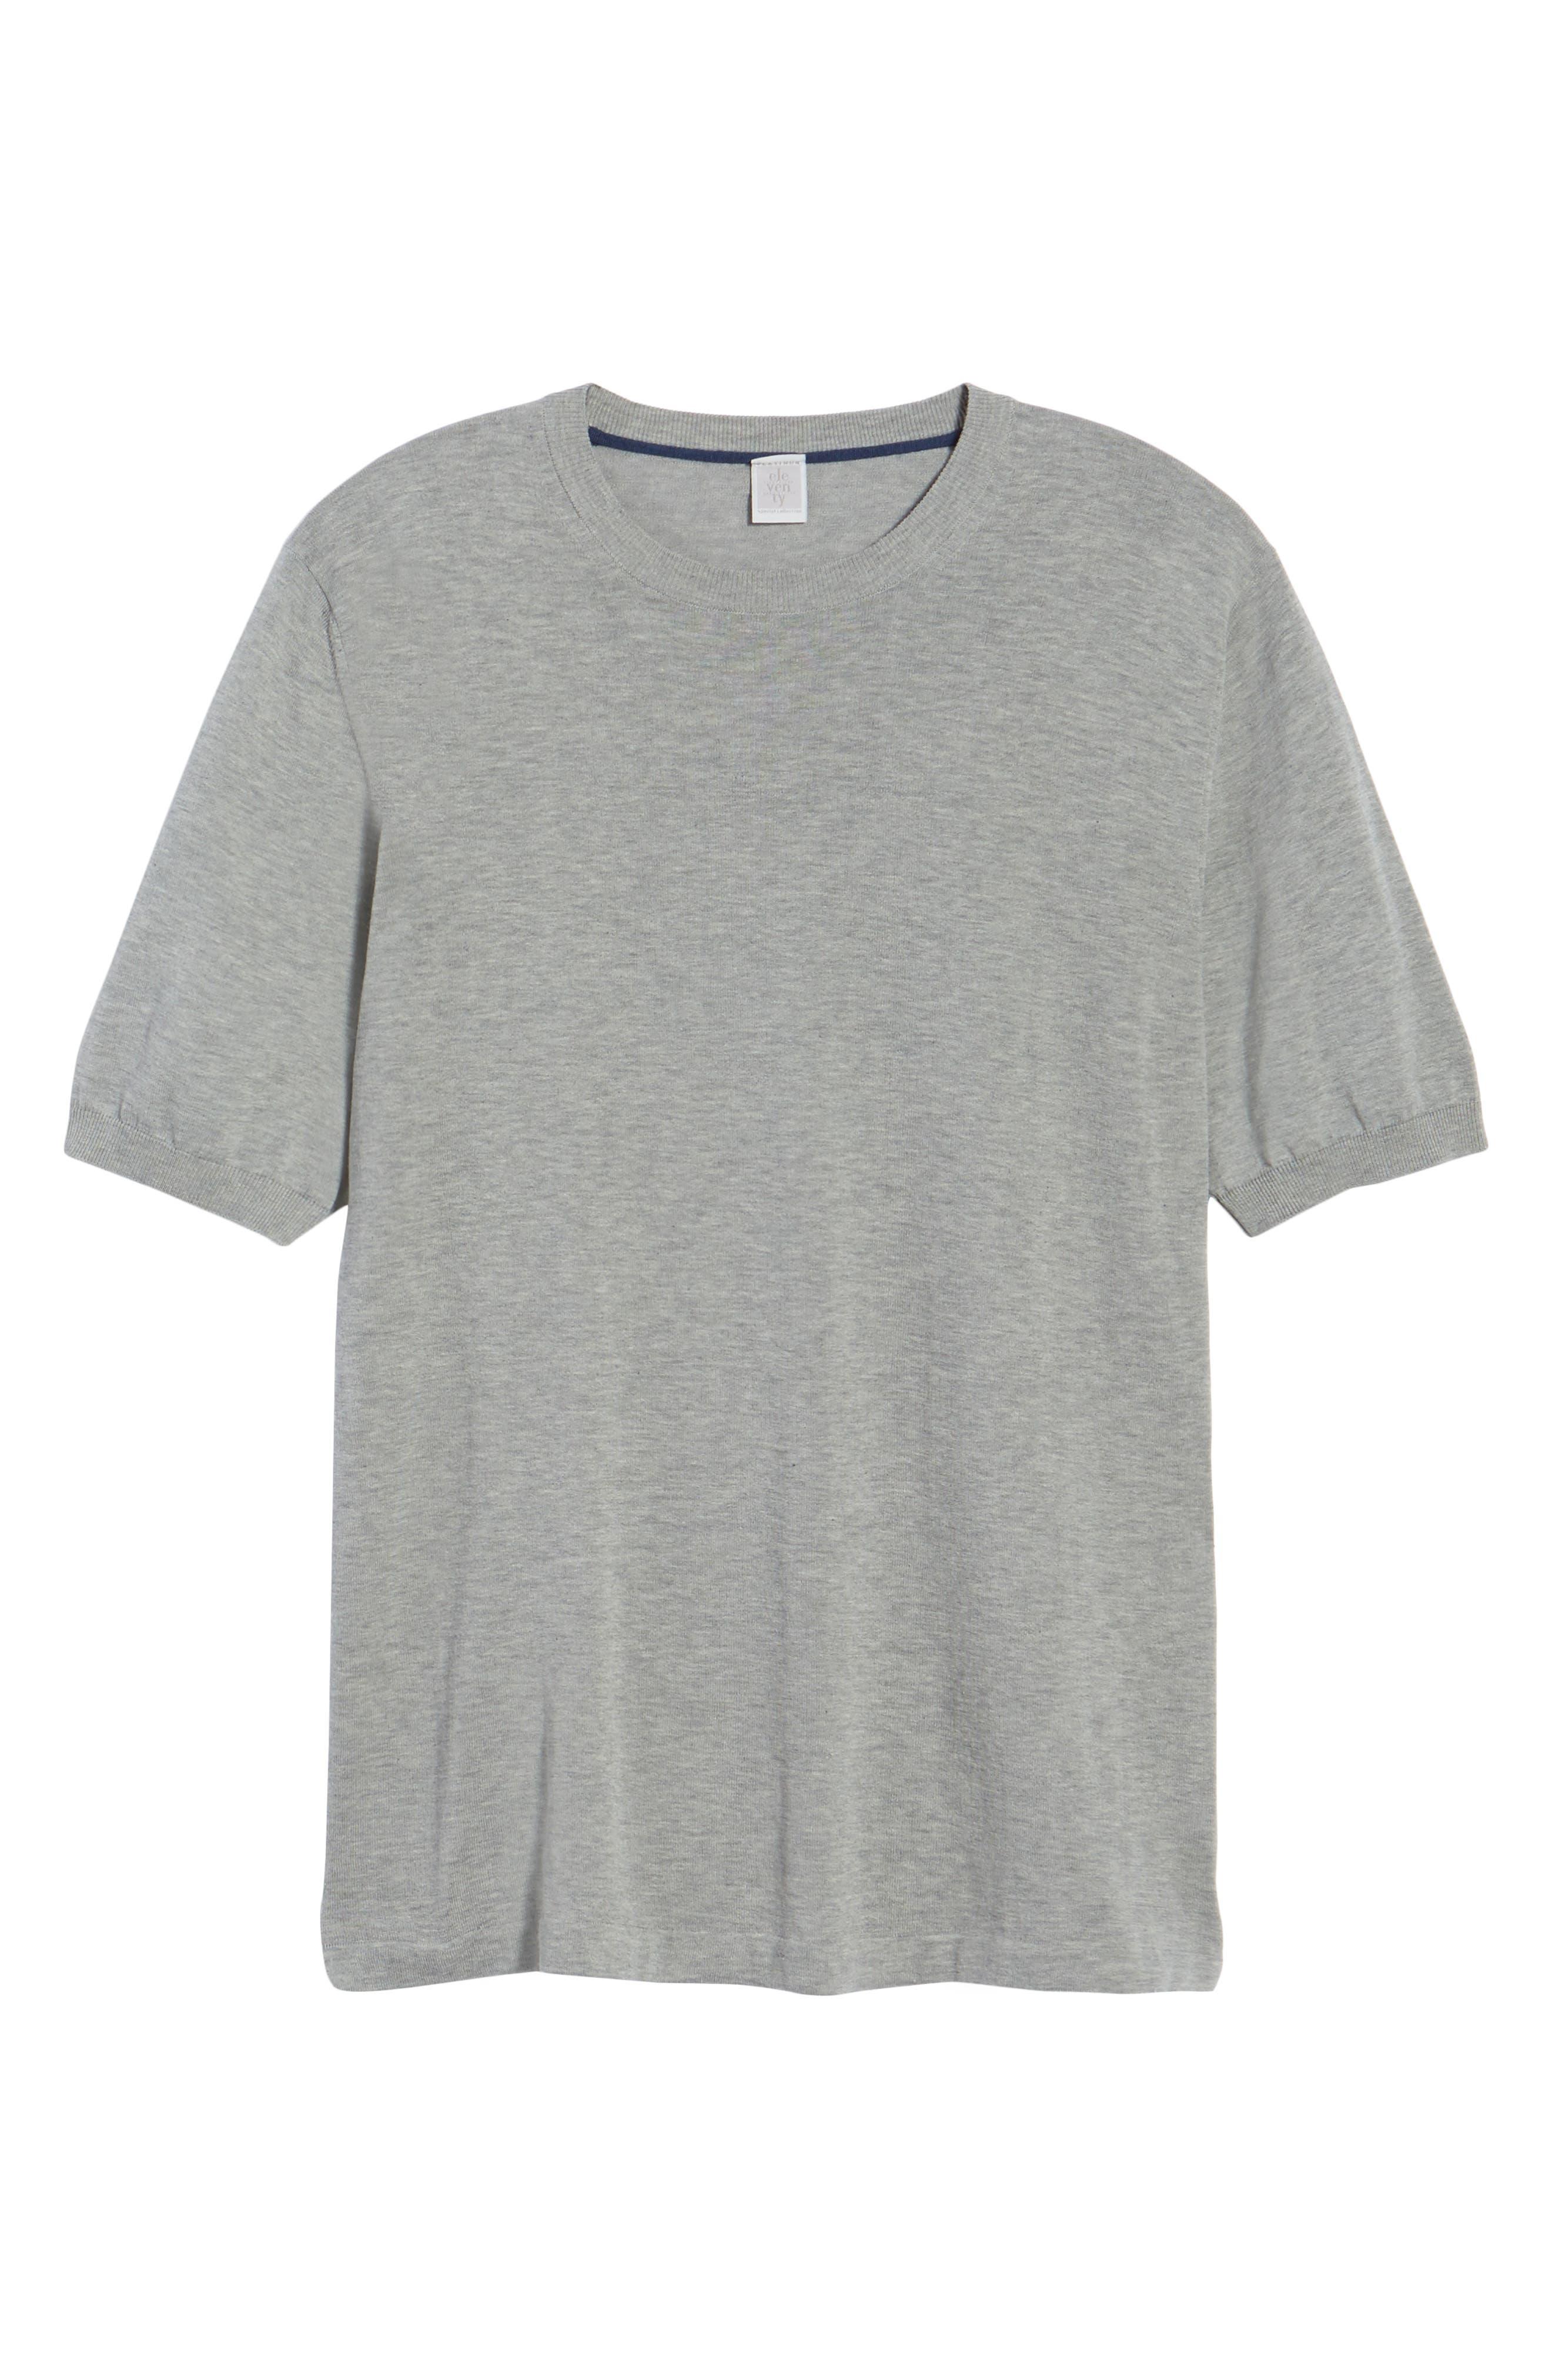 Fresco Crewneck Cotton T-Shirt,                             Alternate thumbnail 6, color,                             021